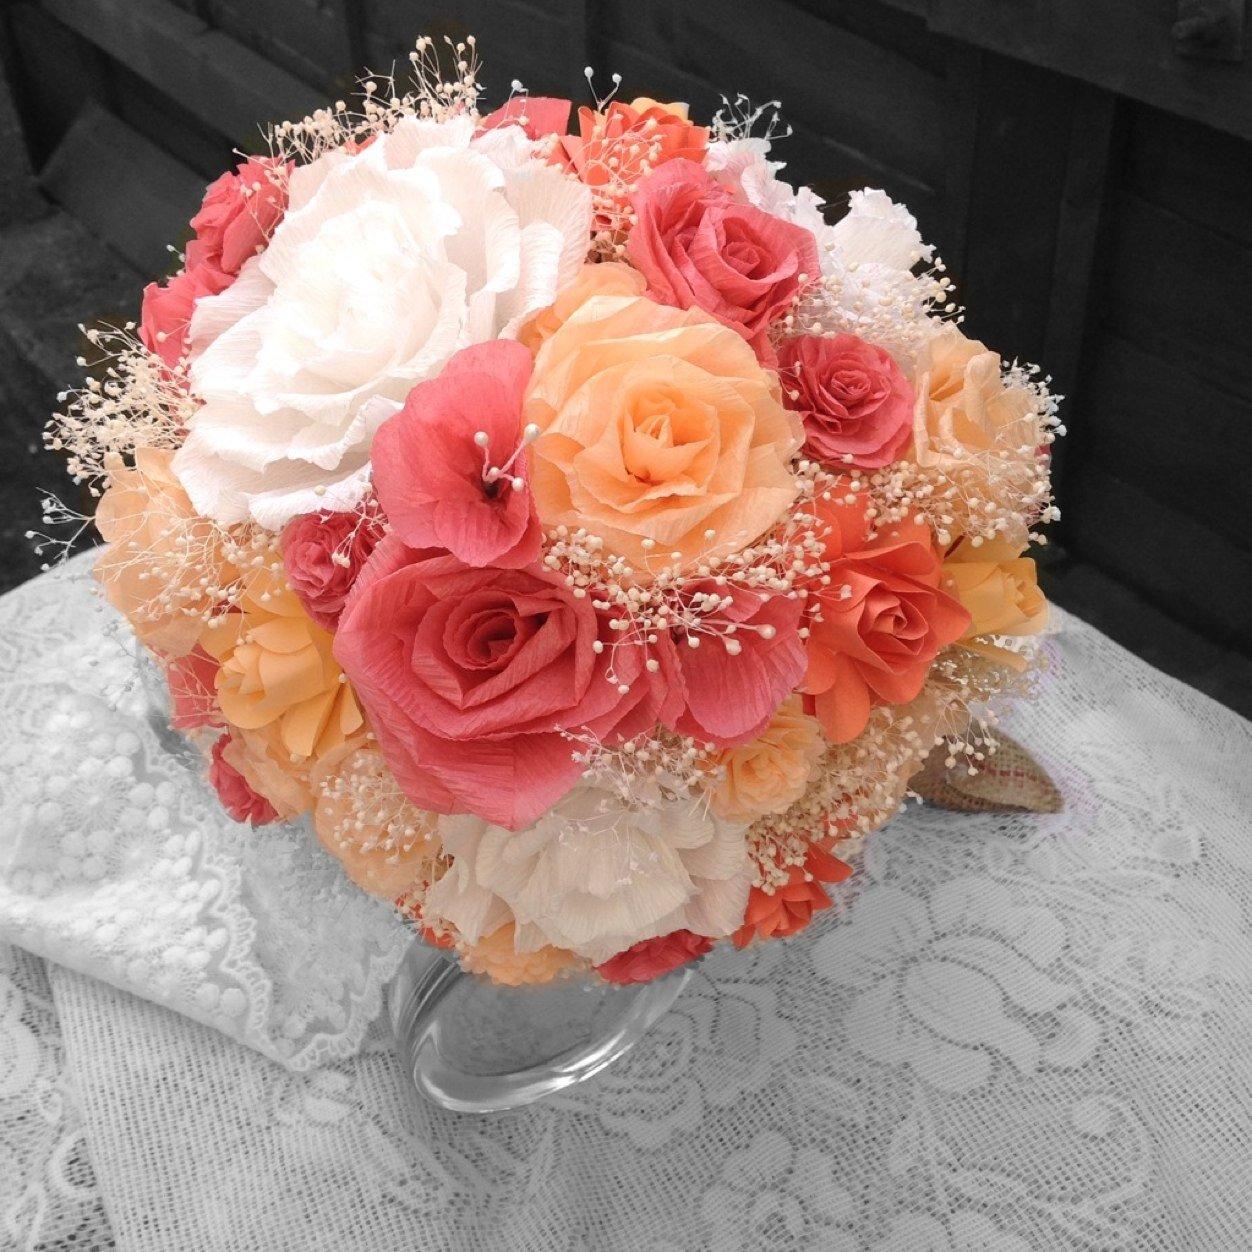 Paper Flower Shop Christi12365993 Twitter